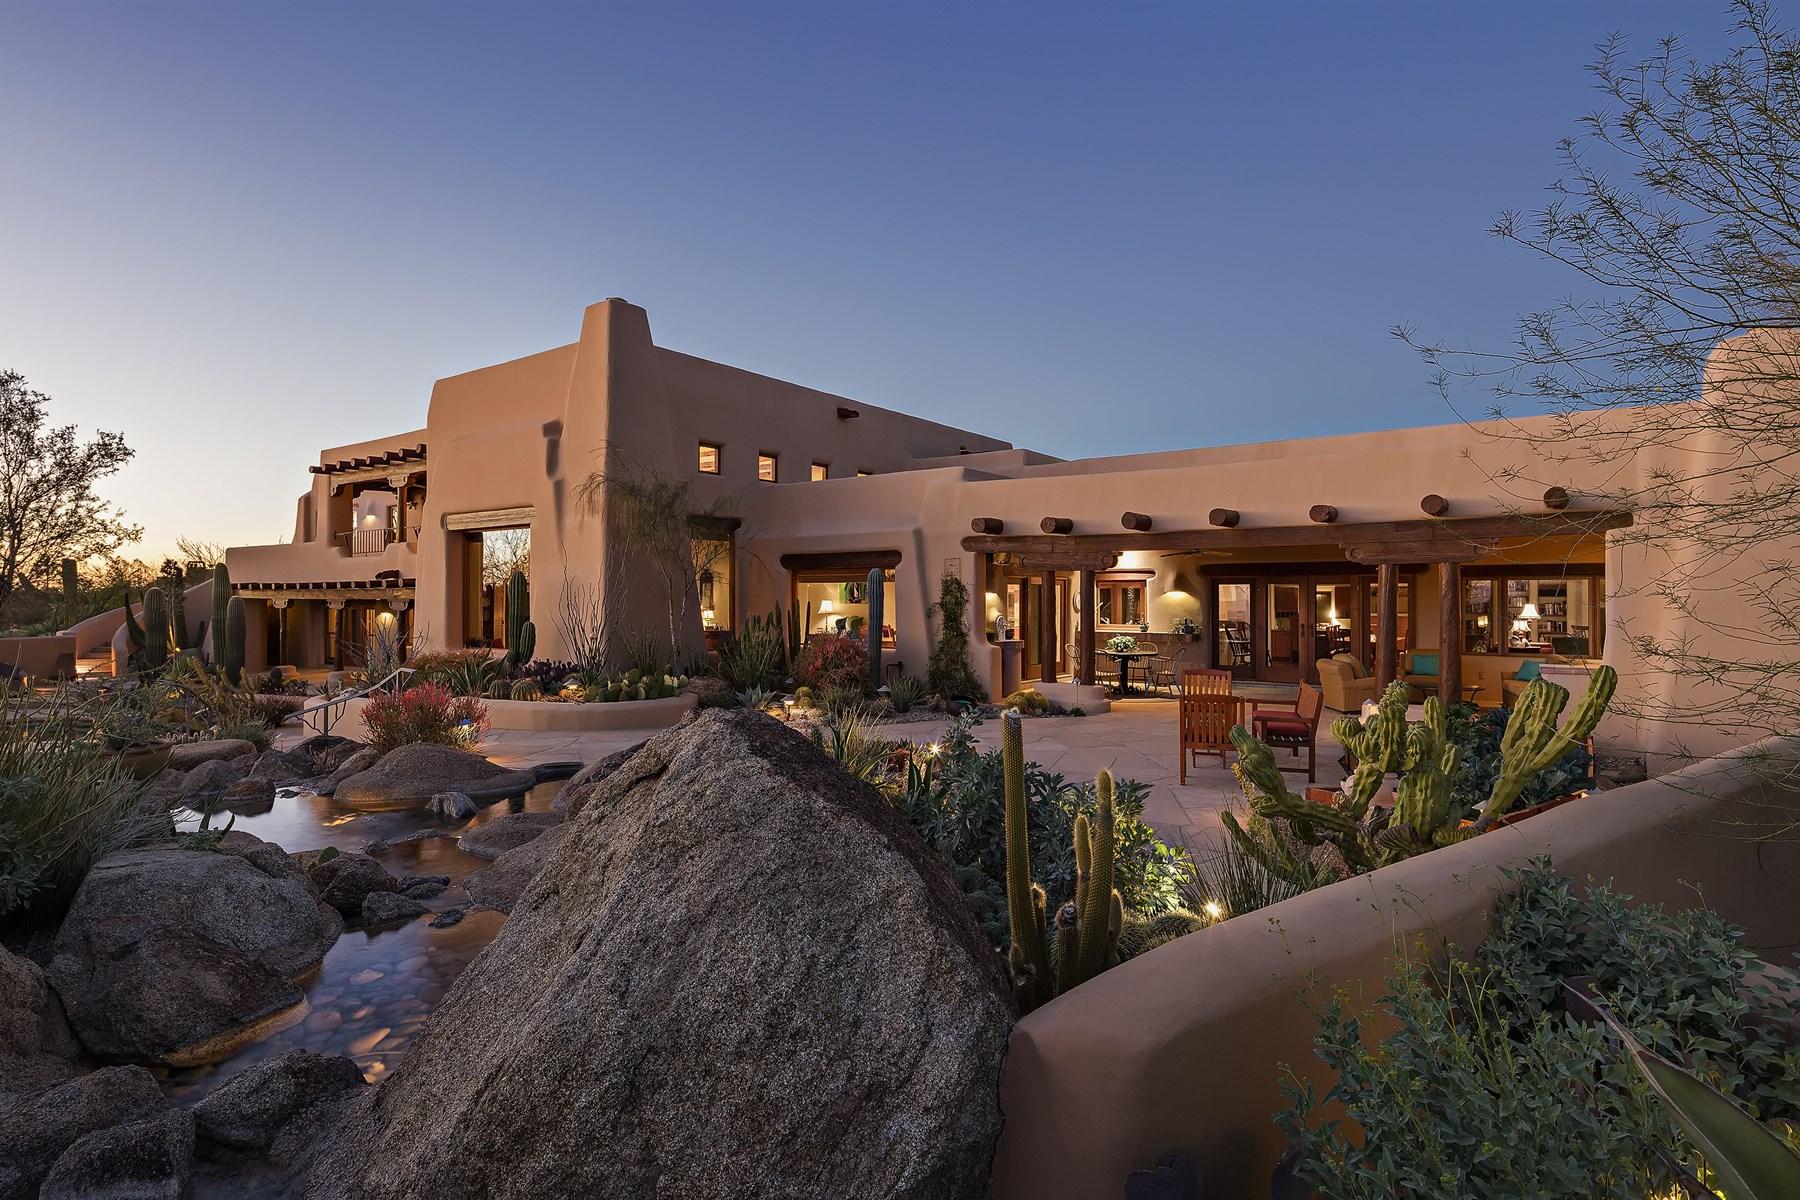 단독 가정 주택 용 매매 에 Special Southwest Territorial 9702 E Calle De Valle Dr Scottsdale, 아리조나, 85255 미국